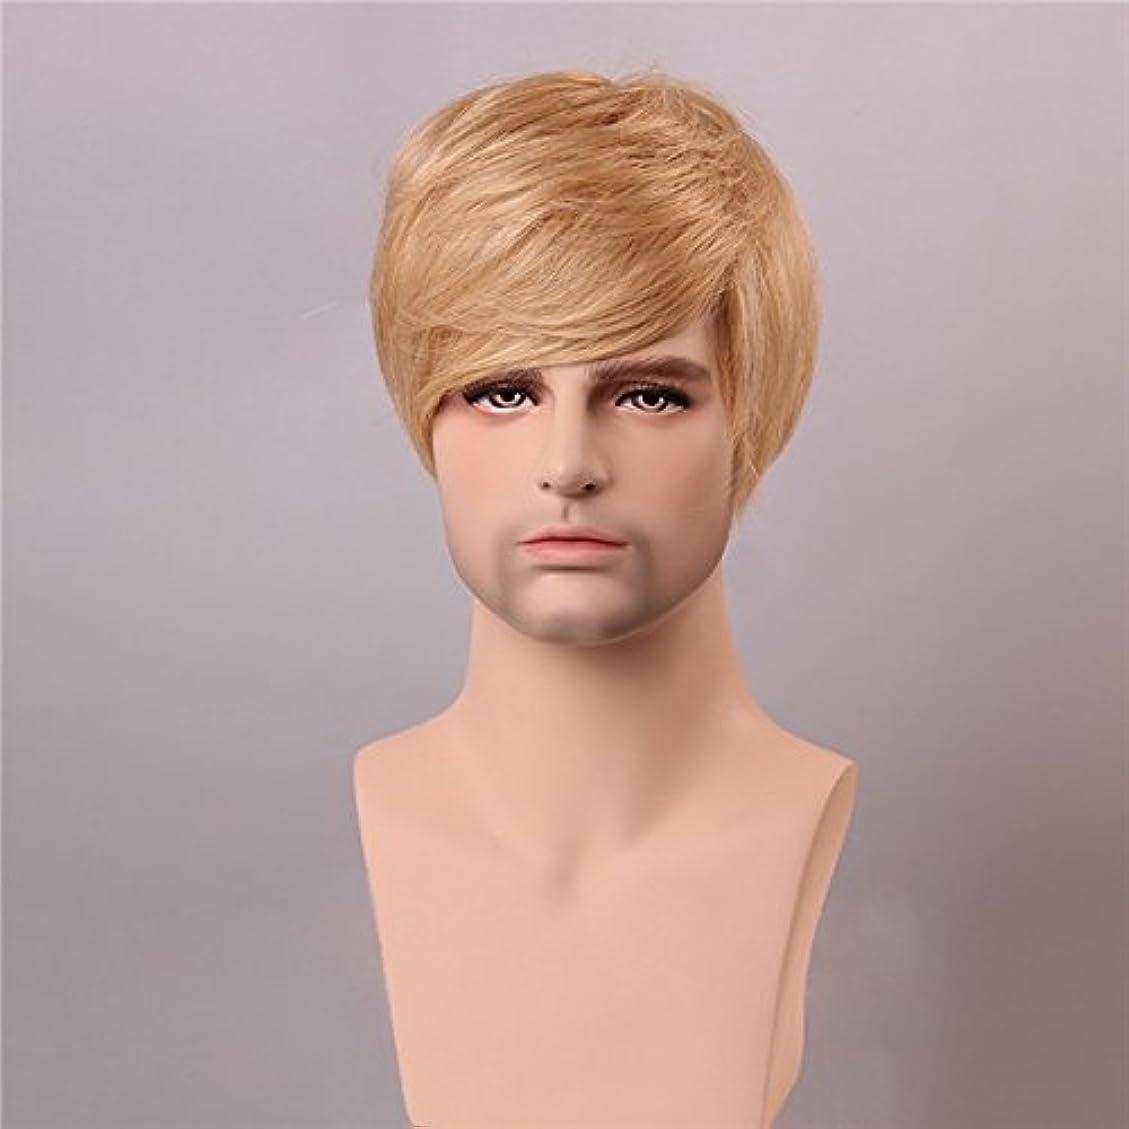 シェルフライカイトより平らなYZUEYT ブロンドの男性短いモノラルトップの人間の髪のかつら男性のヴァージンレミーキャップレスサイドバング YZUEYT (Size : One size)